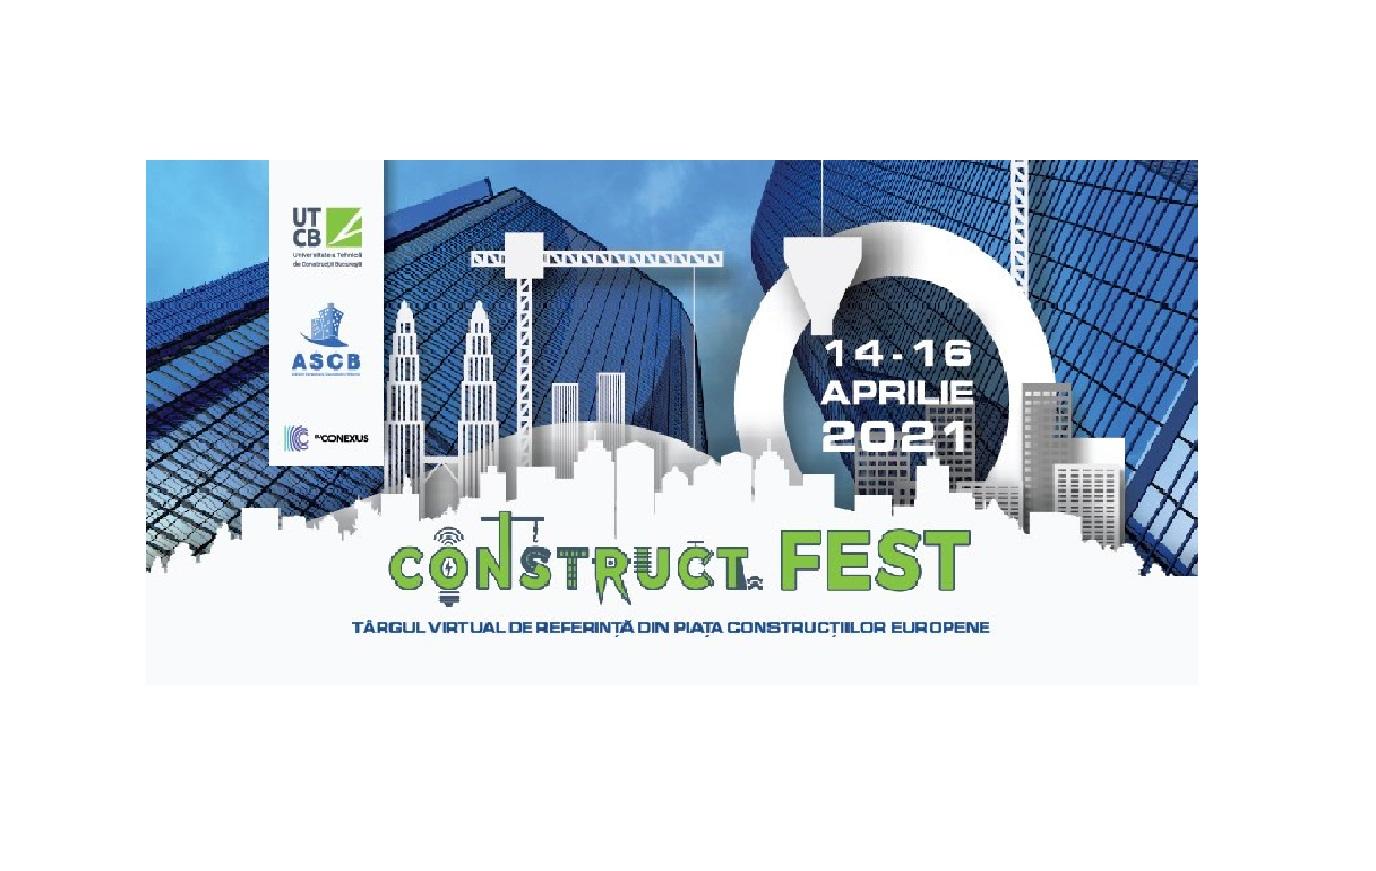 Viarom participa la Construct FEST